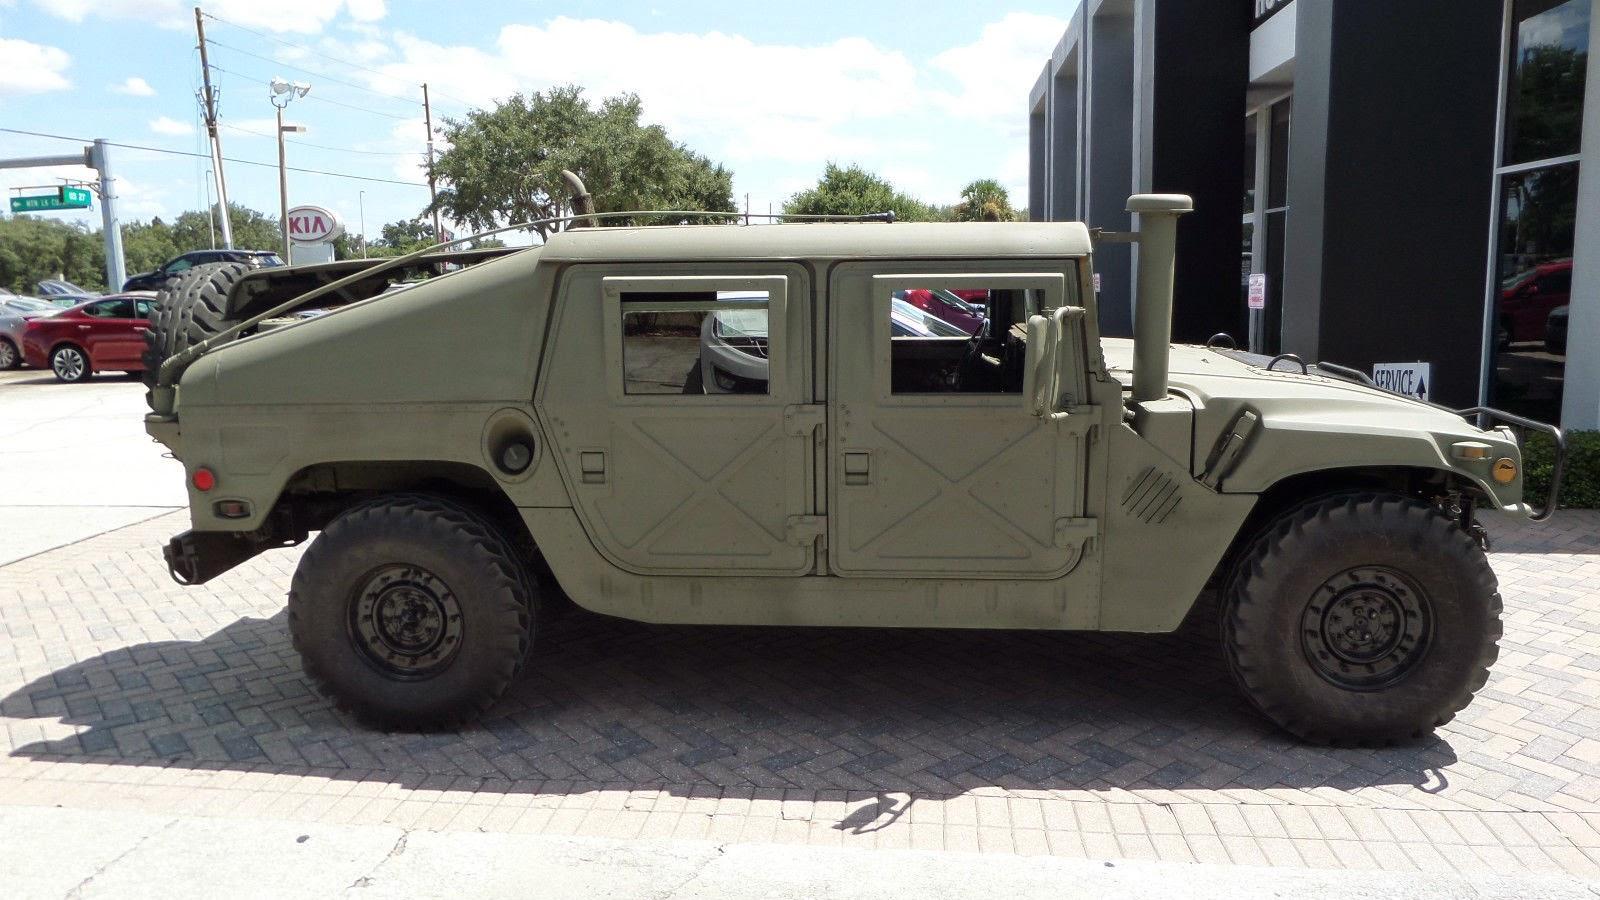 Humvee Slant Back For Sale